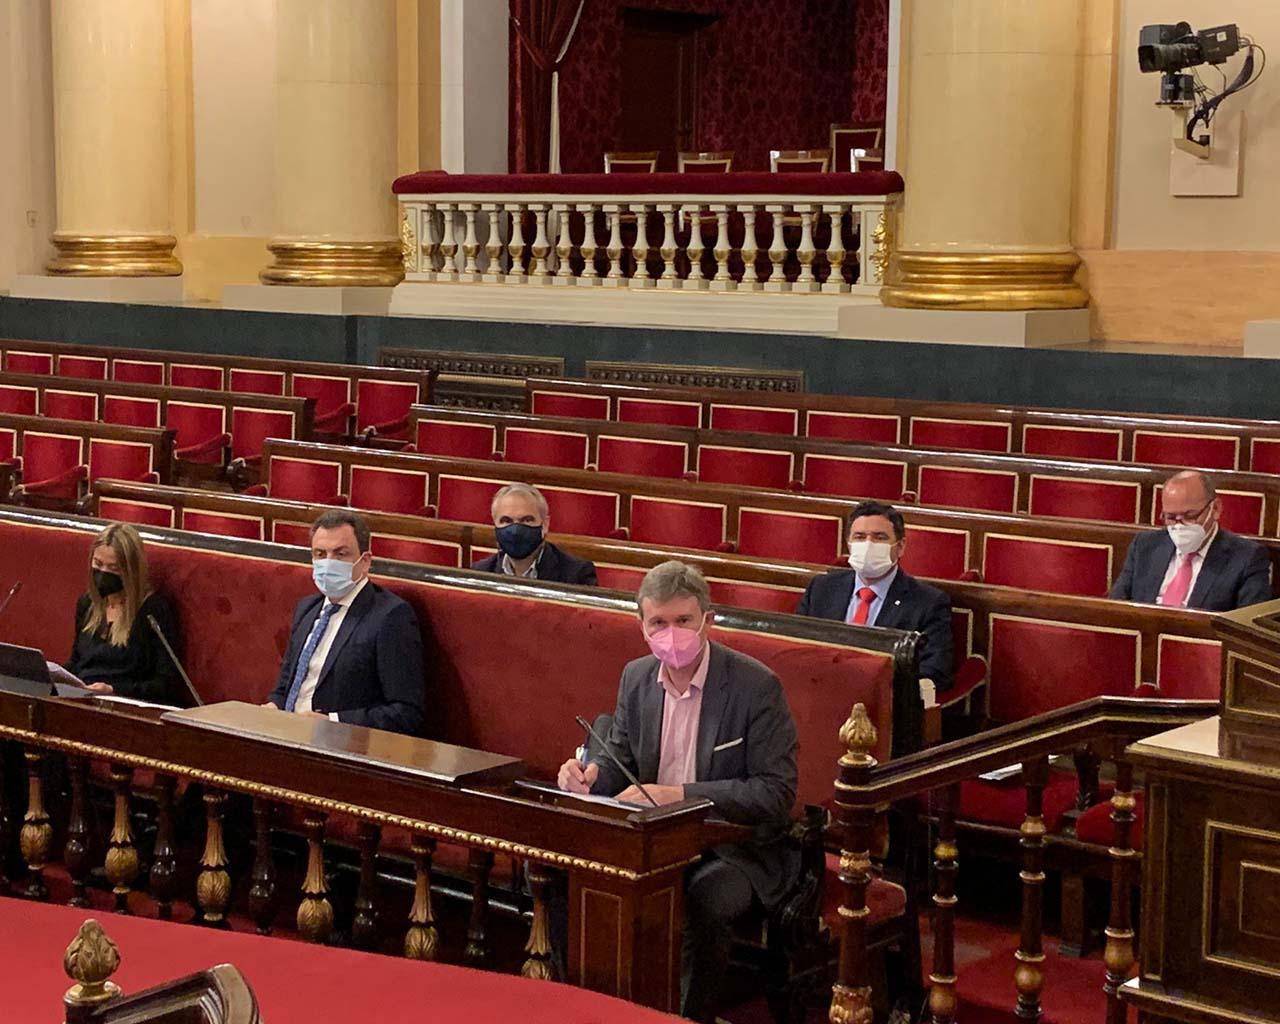 Defensión moción electrointensivas en el Senado